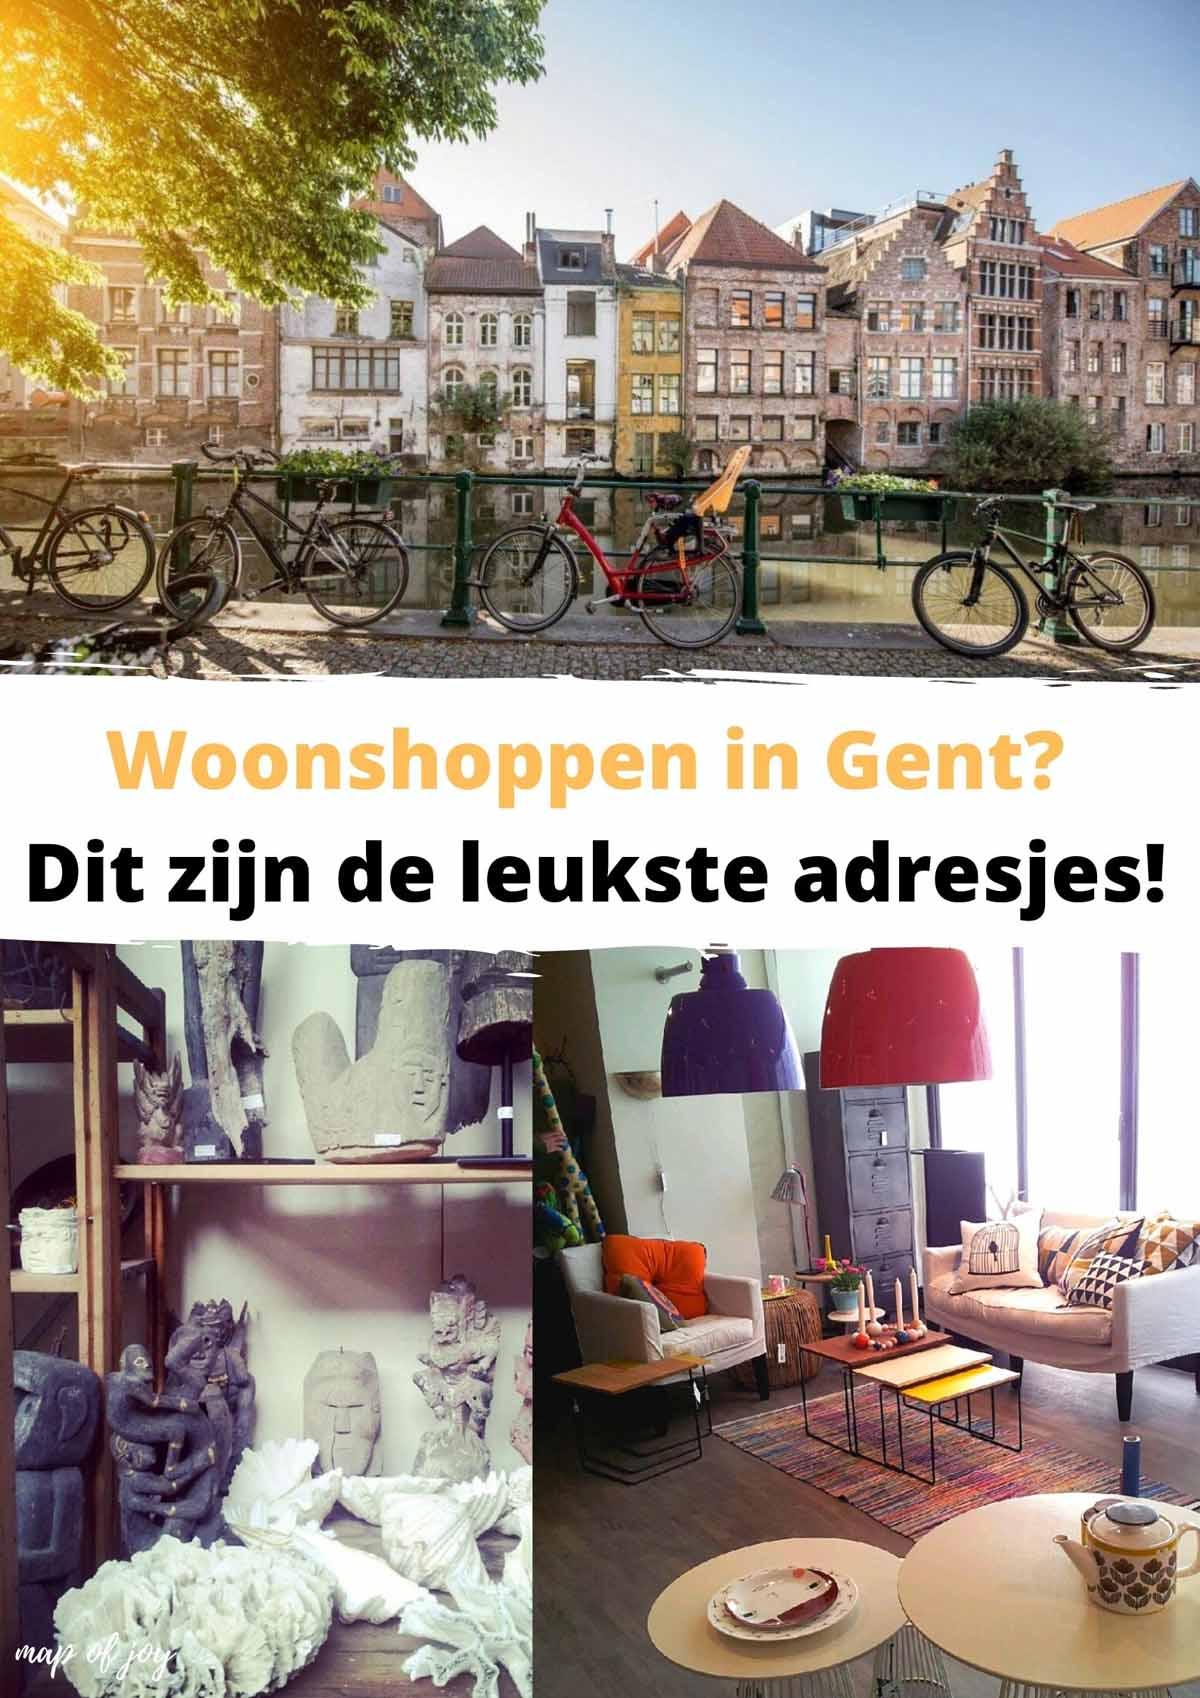 Woonshoppen in Gent? Dit zijn de leukste adresjes!